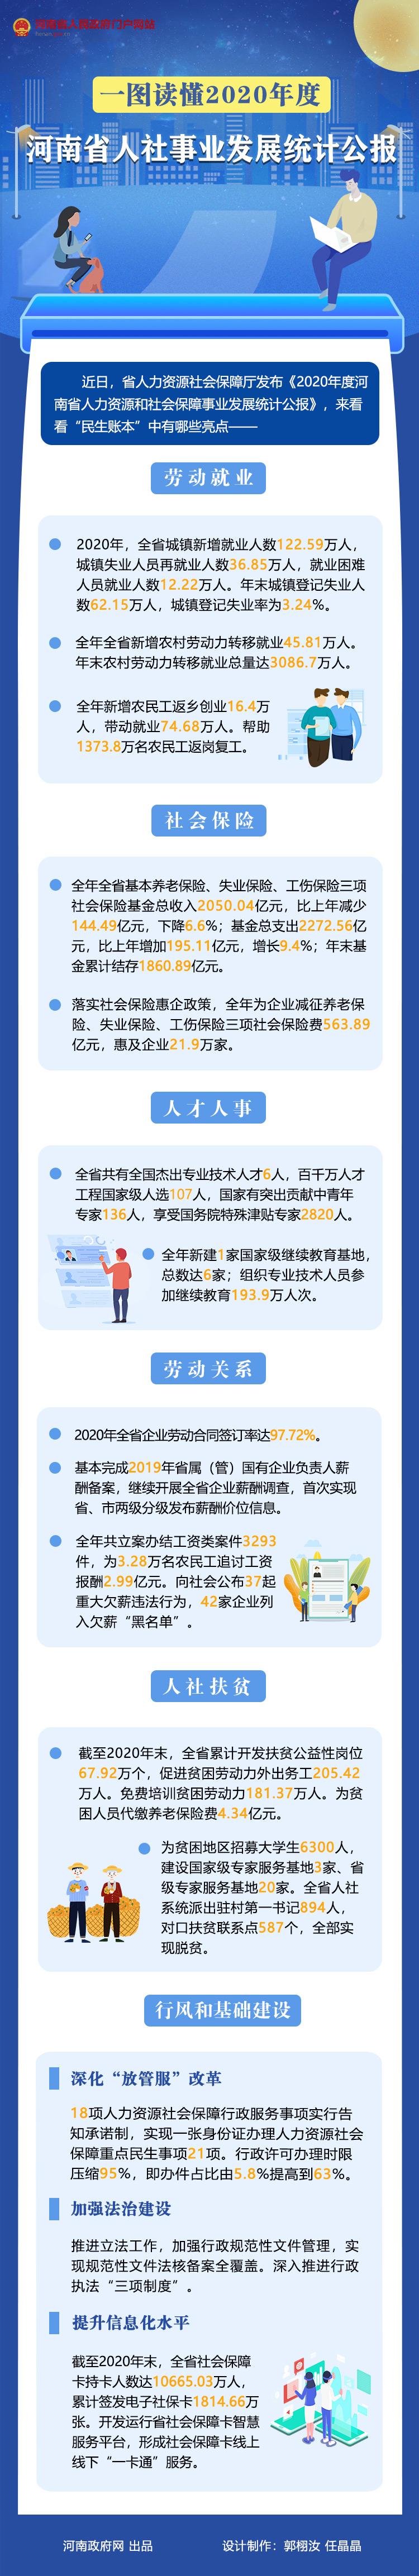 一图读懂丨2020年度河南省人社事业发展统计公报